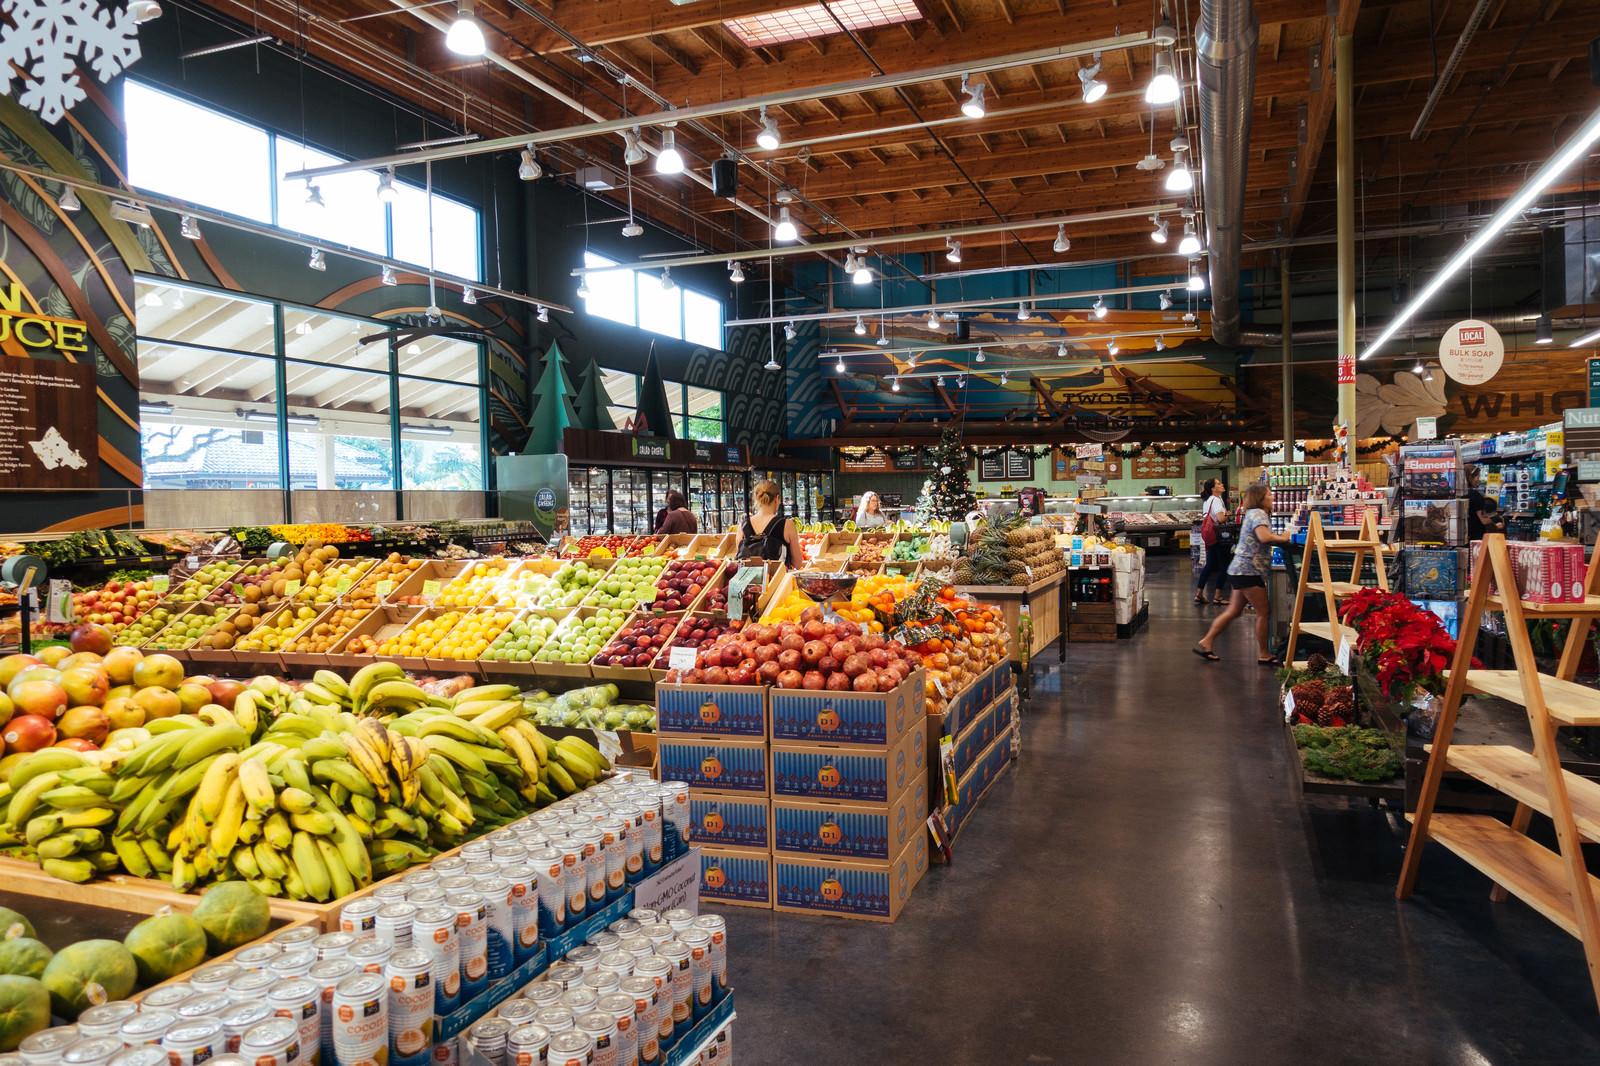 「山盛りのフルーツが並ぶ海外のスーパーマーケット」の写真